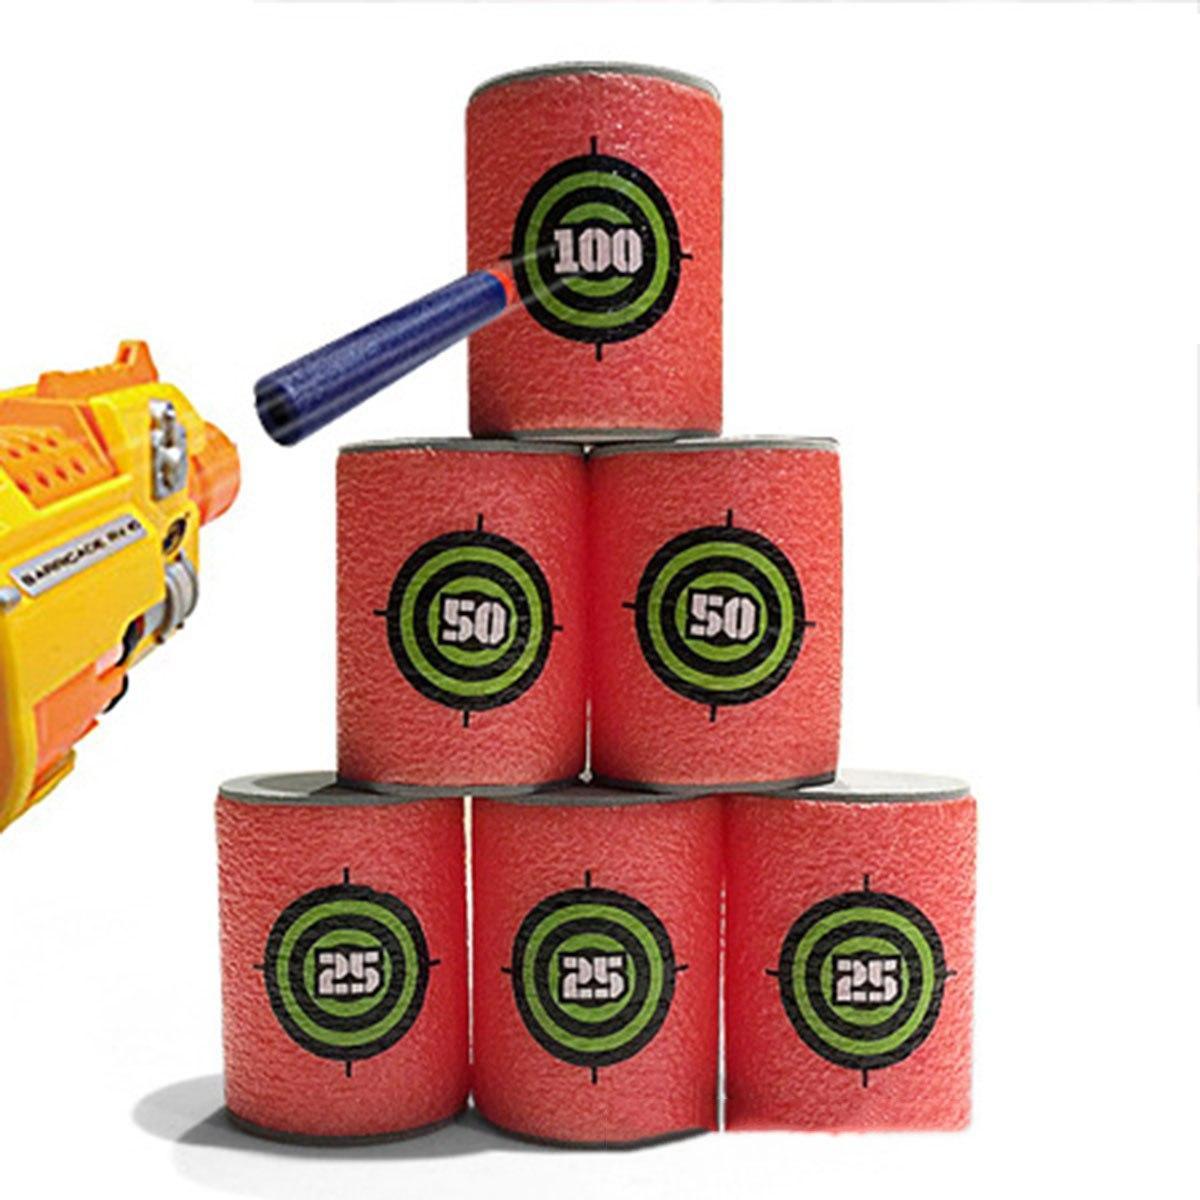 Набор поролоновых мишеней 18 шт для игрушечного оружия, высота 6 см